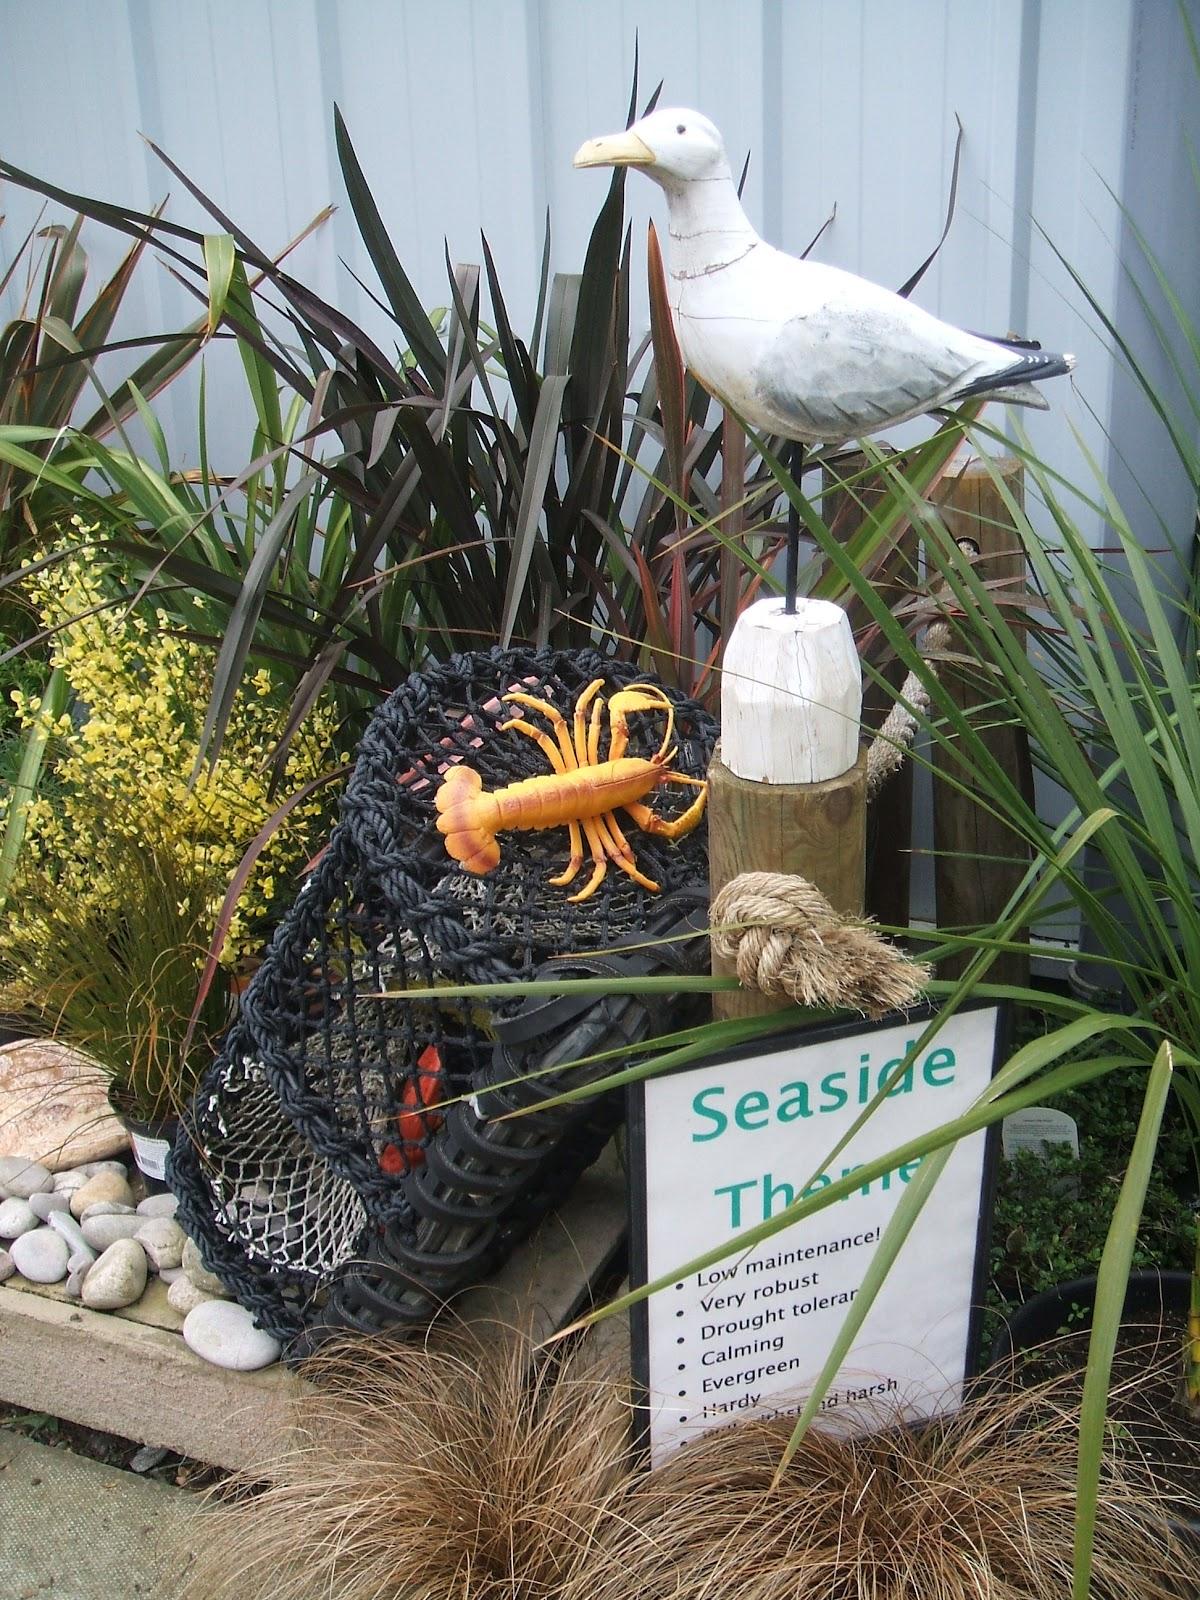 Stitch and bake seaside theme for Theme garden ideas